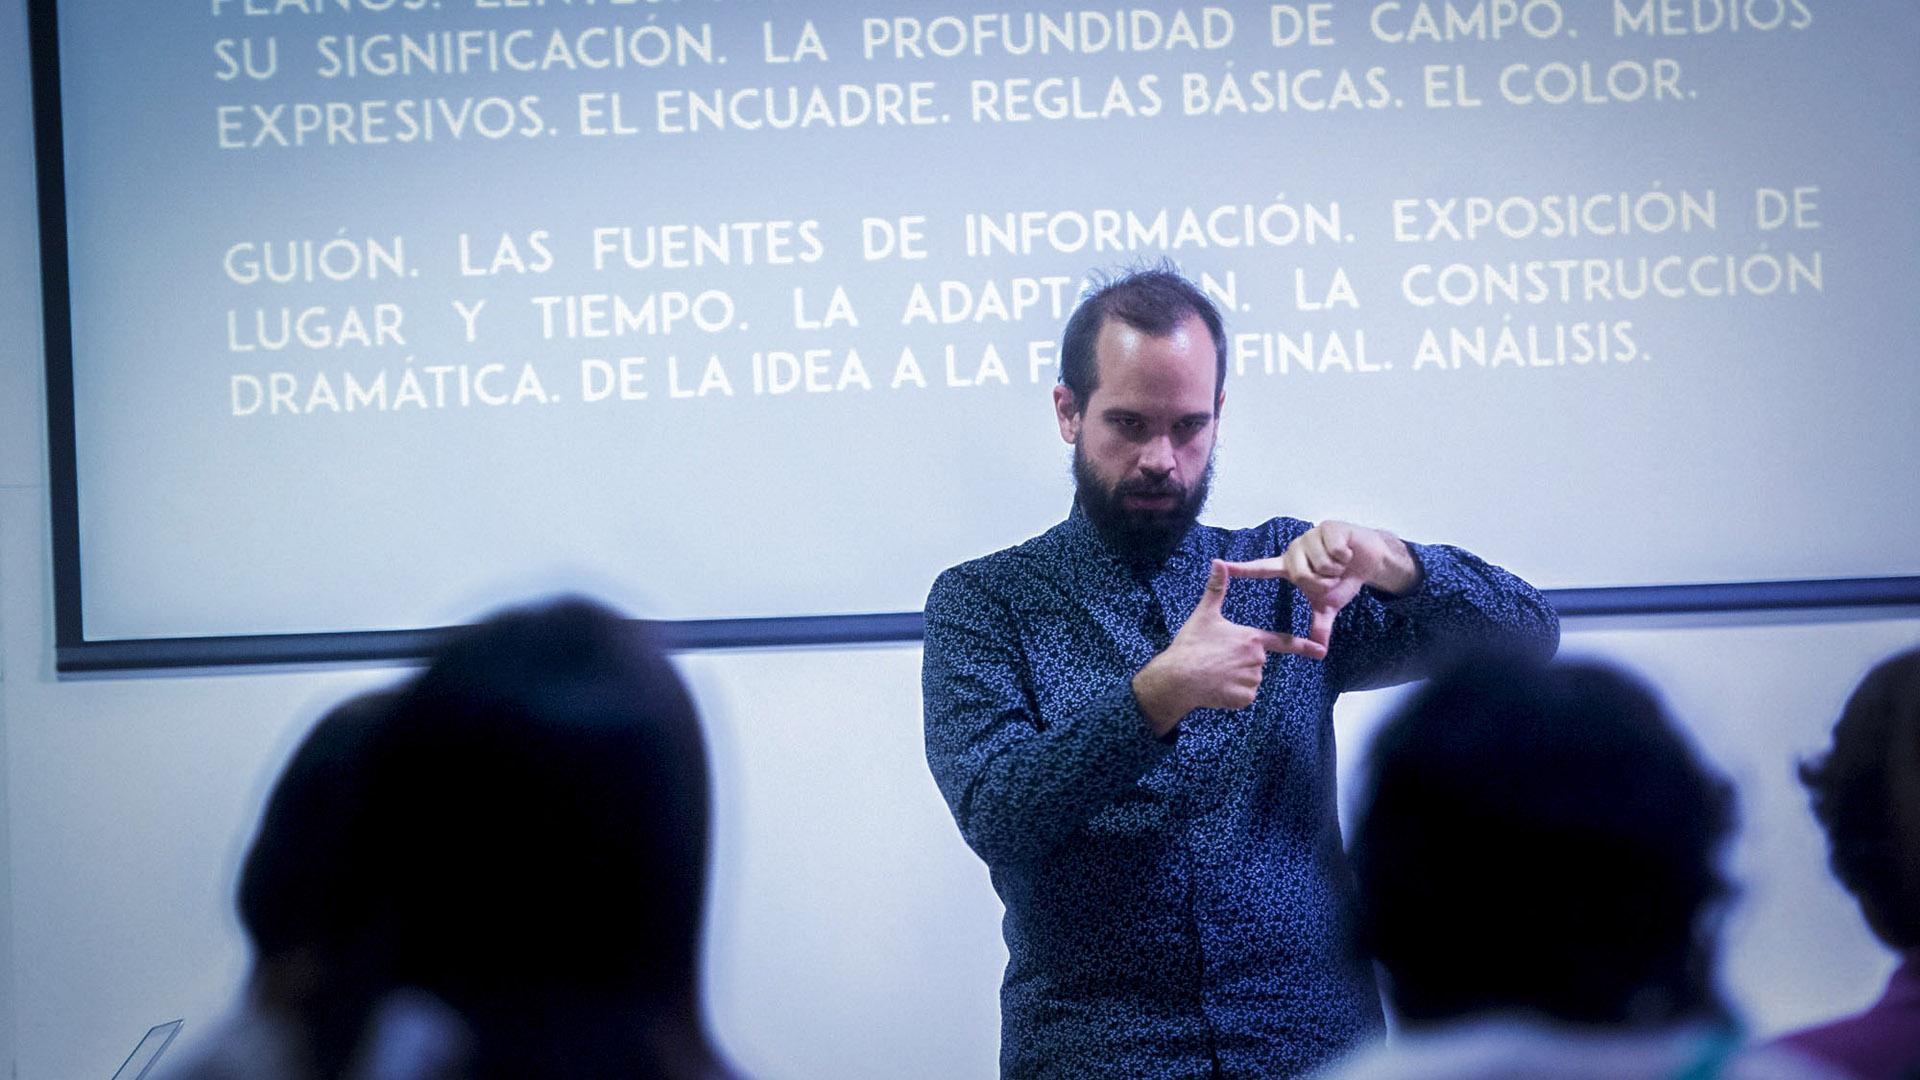 Federico Sykes dicta talleres de cine en lengua de señas y es la única persona sorda formada en el campo audiovisual en el país.